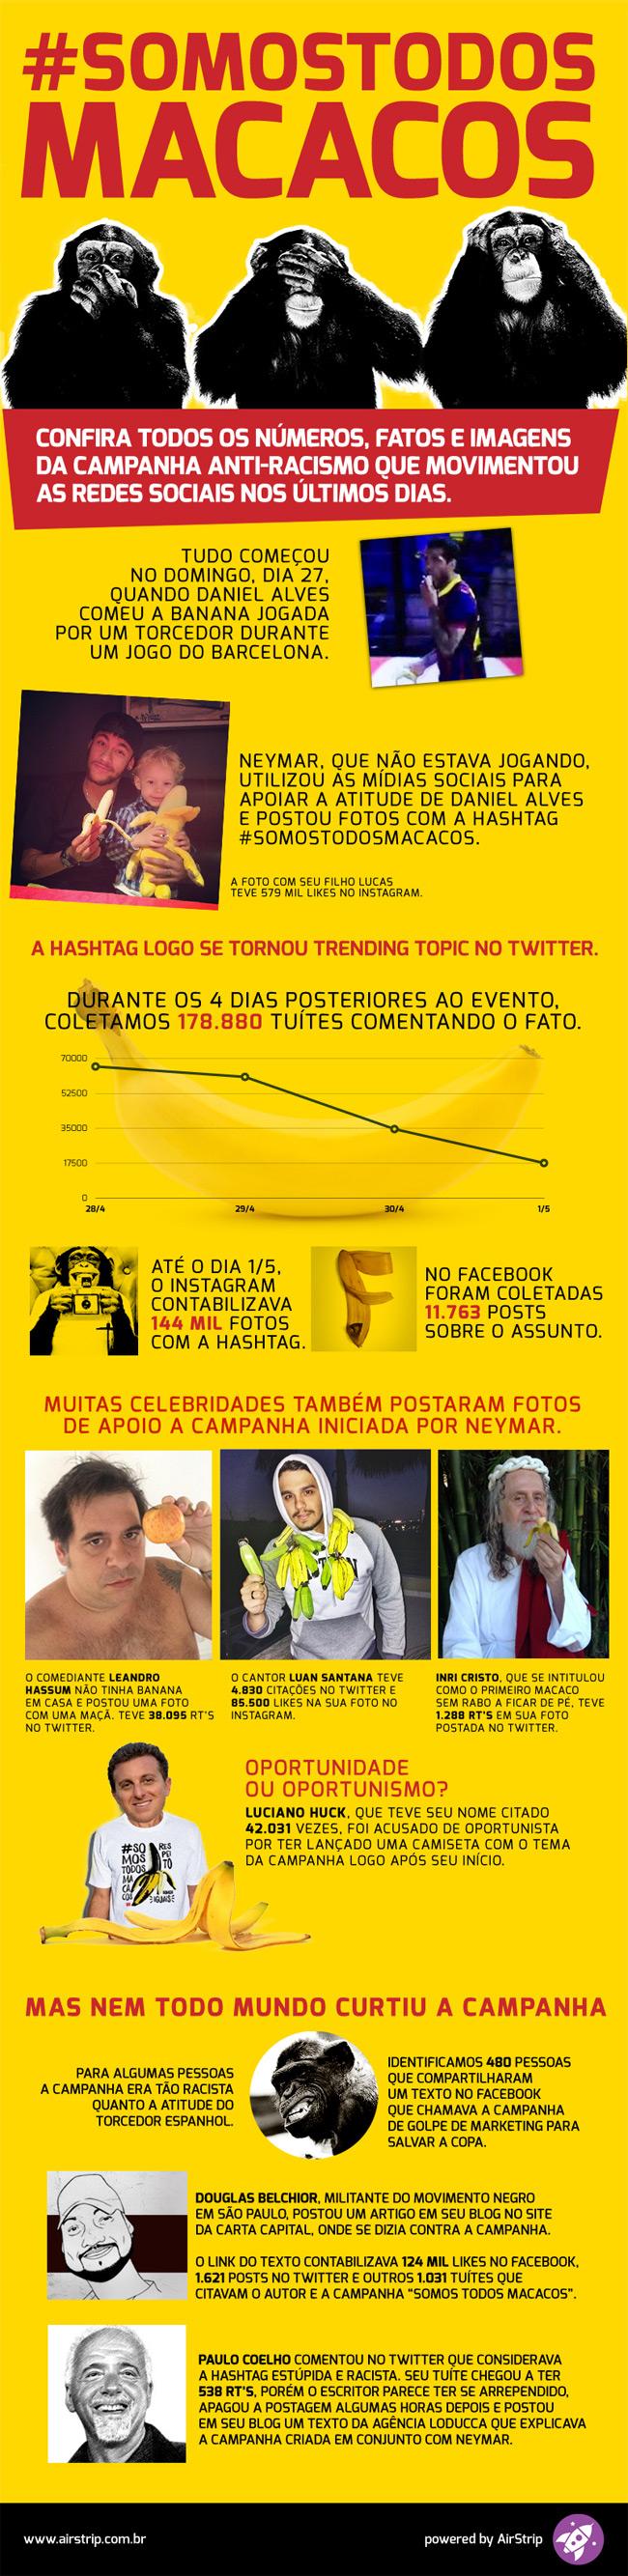 #SomosTodosMacacos - números e fatos da campanha